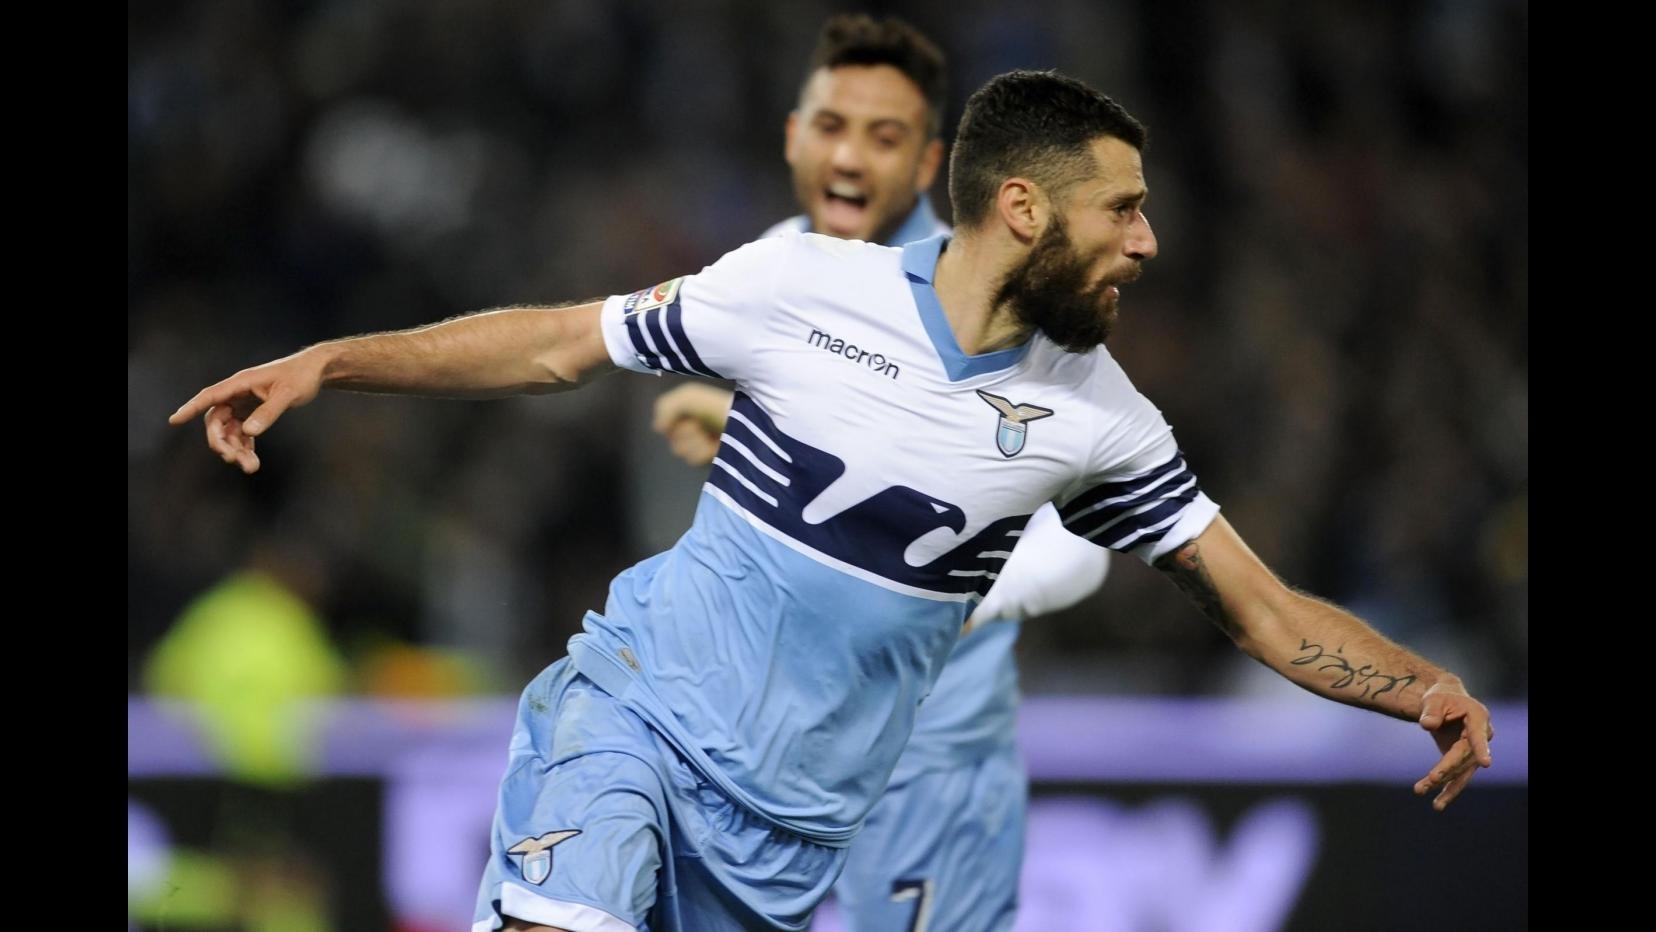 Serie A, la Lazio non si ferma più: Verona battuto 2-0, a segno Anderson e Candreva